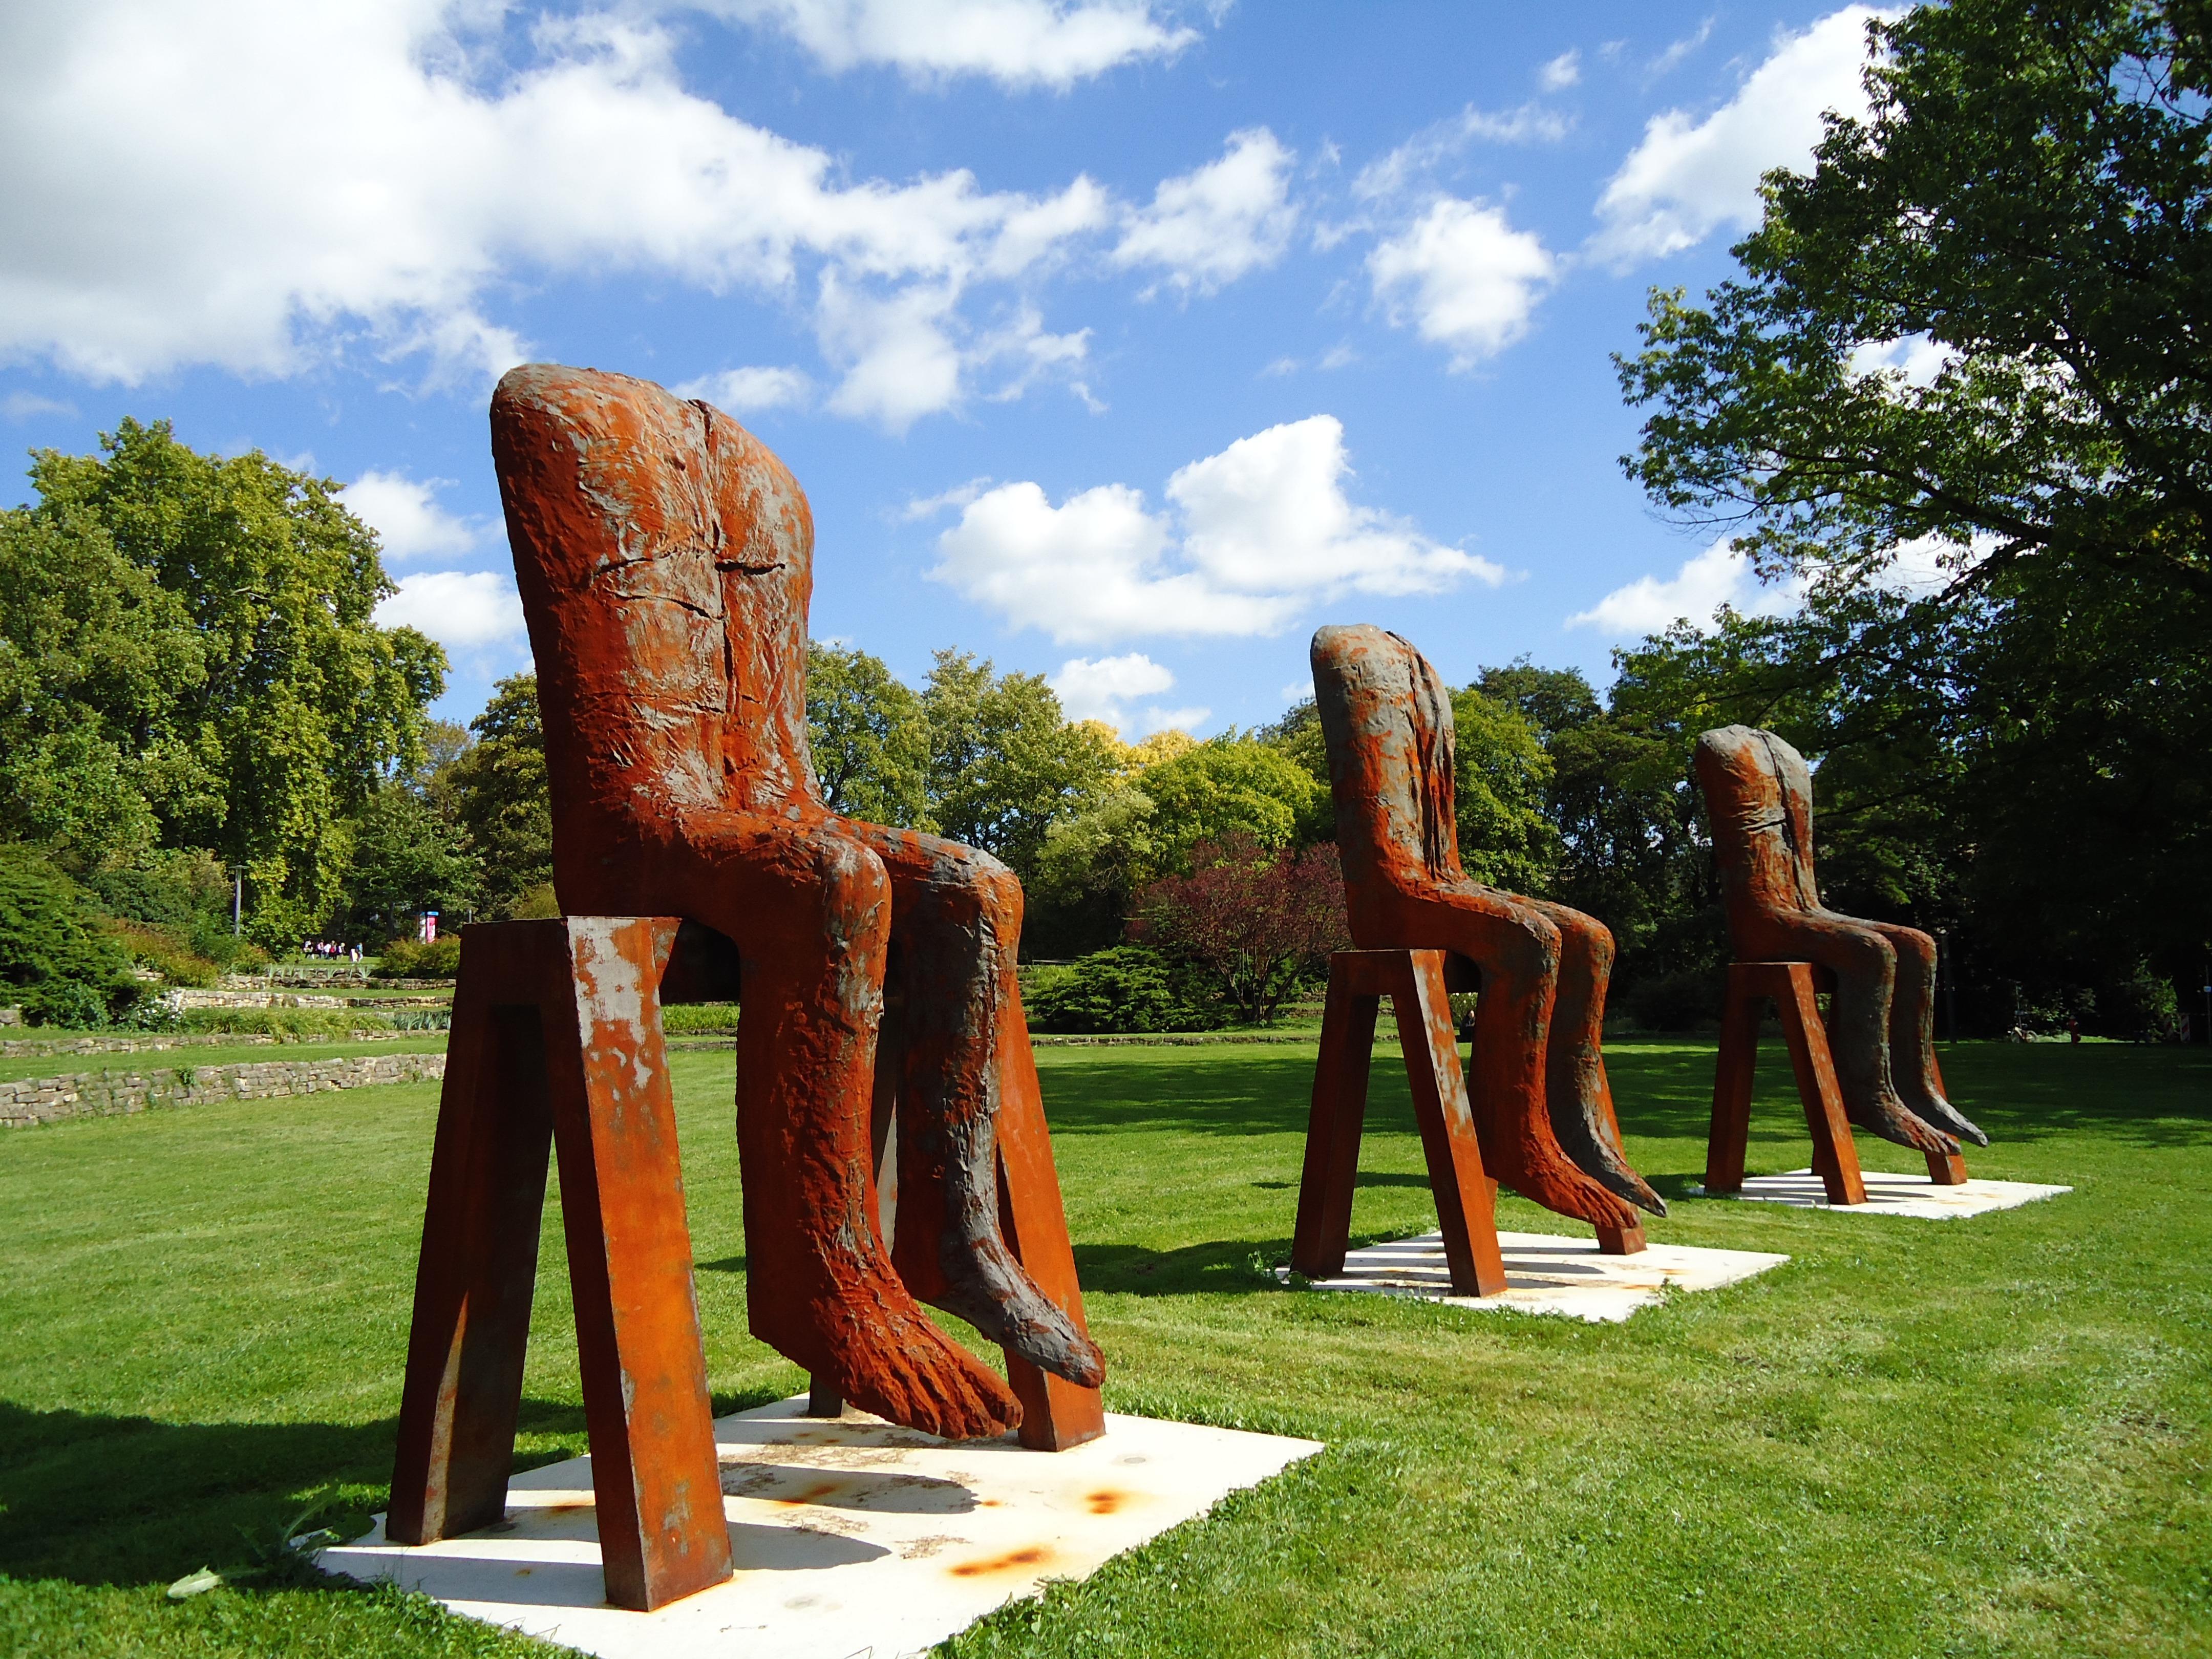 Creative Sky Chair Feet Vacation Park Metal Garden Sculpture Art Playground  Modern Art Outdoor Play Equipment